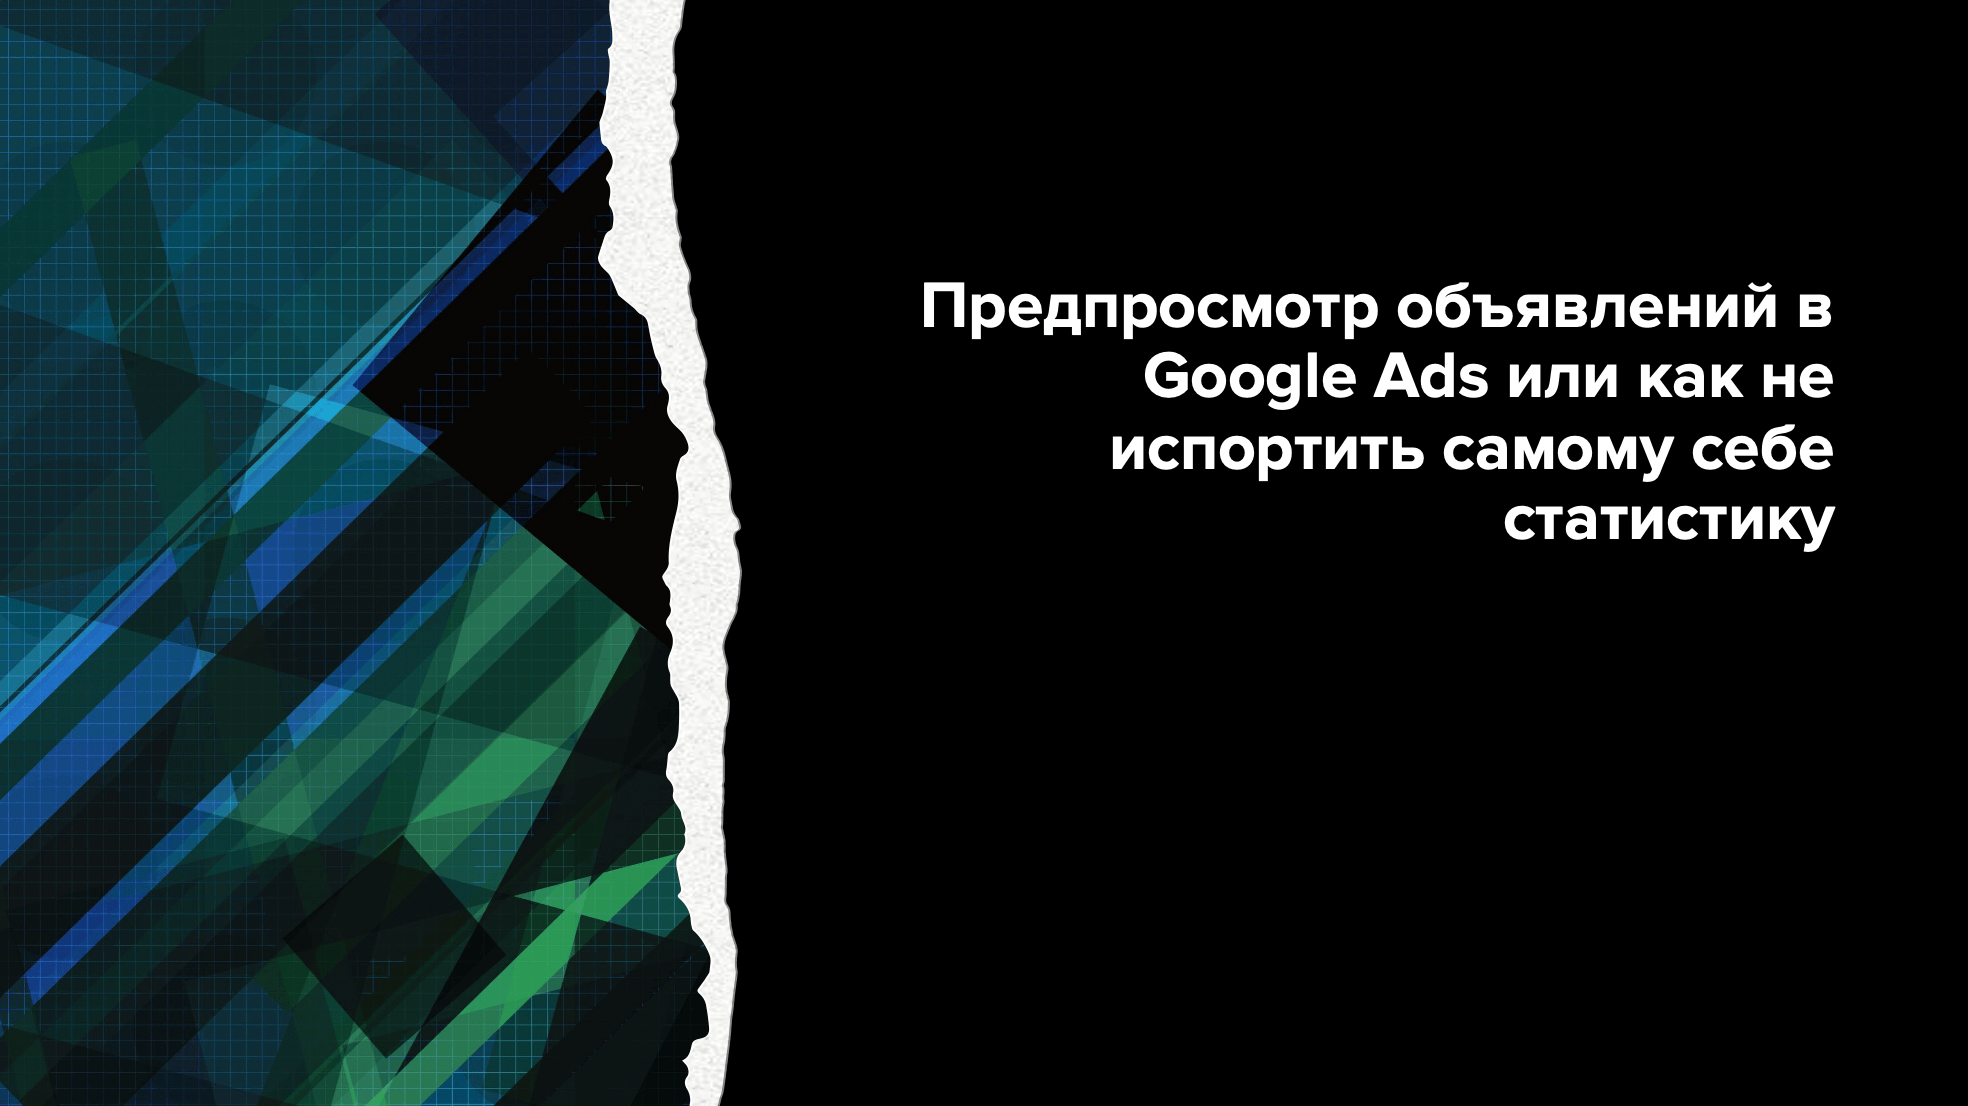 Предпросмотр объявлений Ads или как не испортить статистику